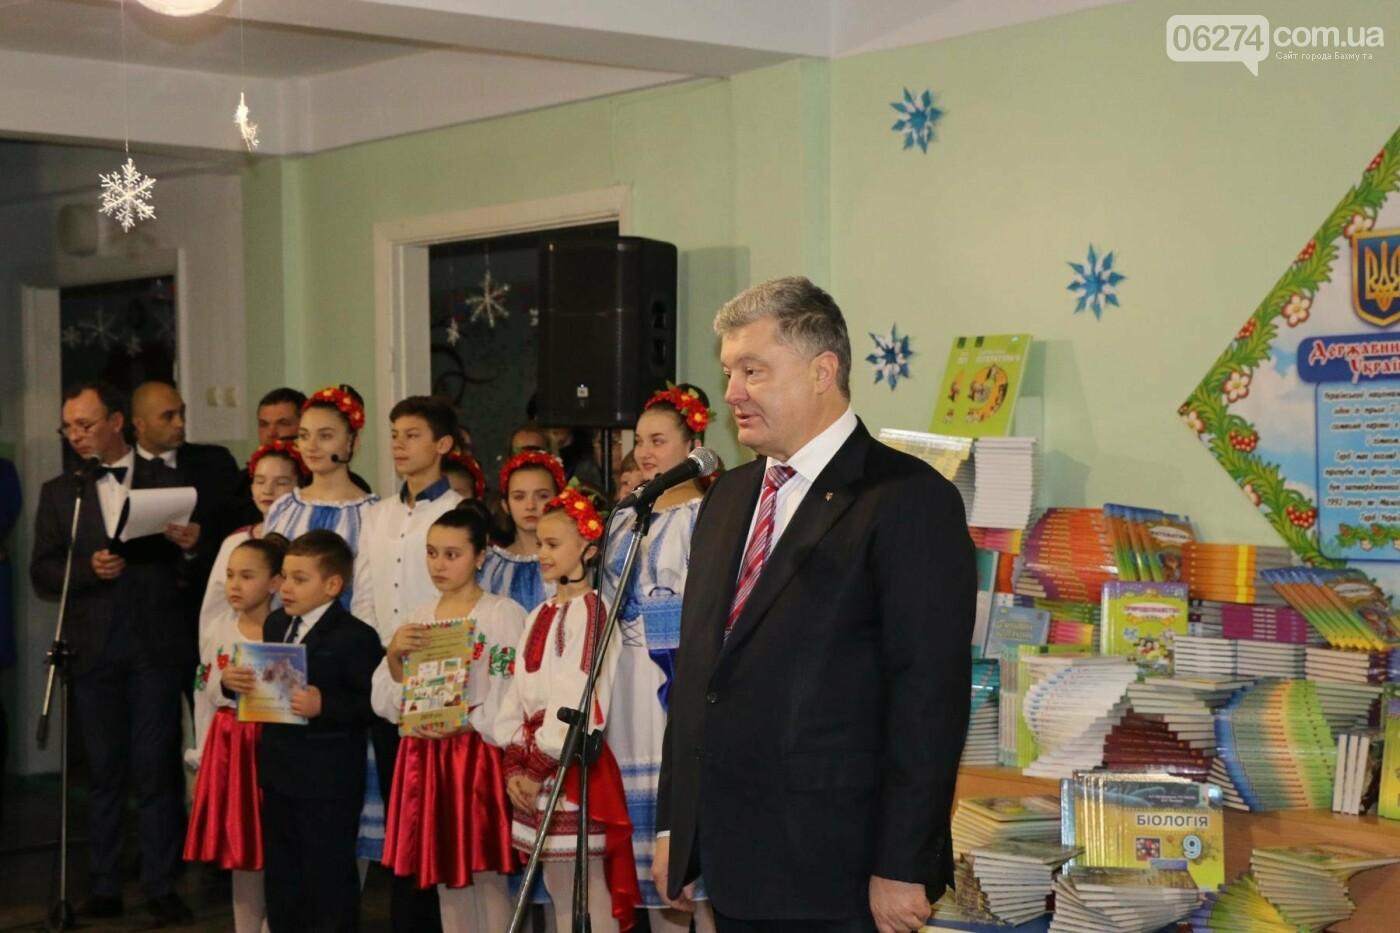 Президент Украины Петр Порошенко посетил Бахмут (ДОБАВЛЕНО ФОТО), фото-1